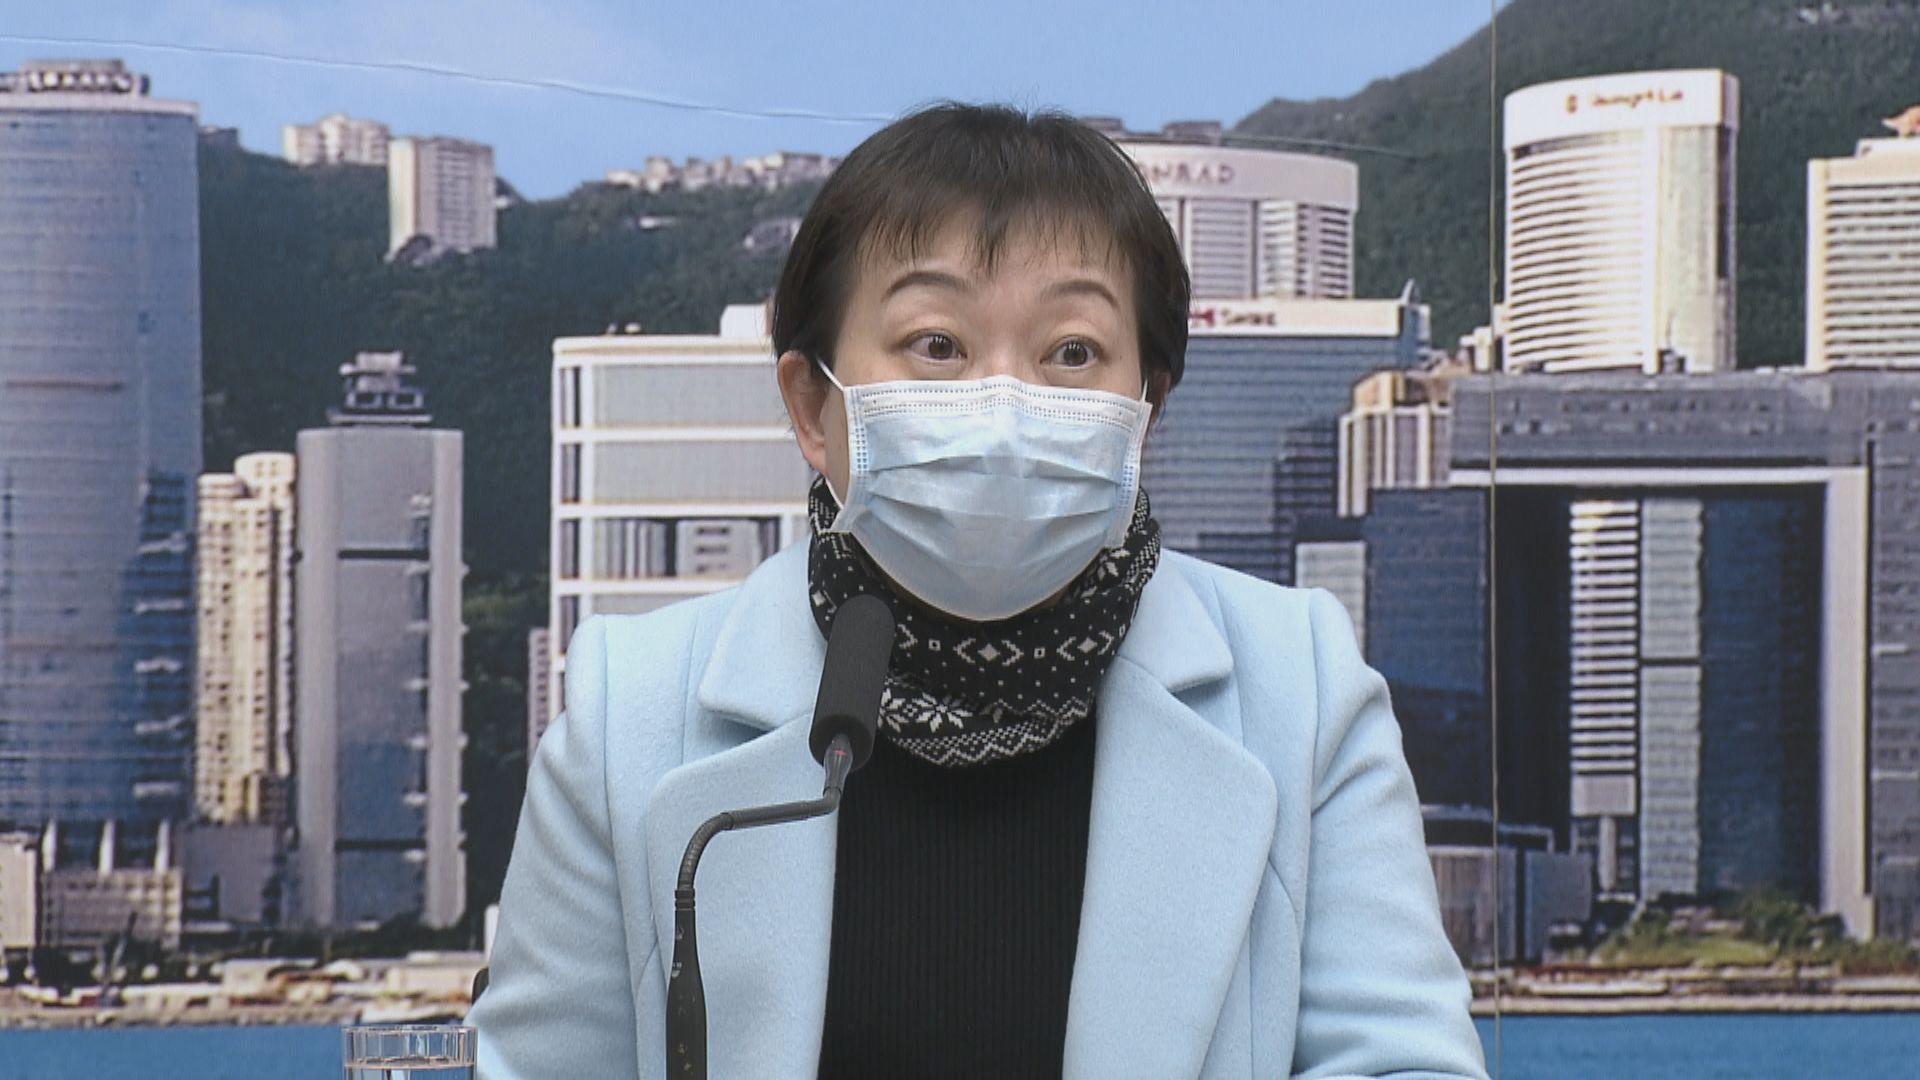 一對武漢夫婦初步對新型冠狀病毒呈陽性反應 曾到本港多間酒店